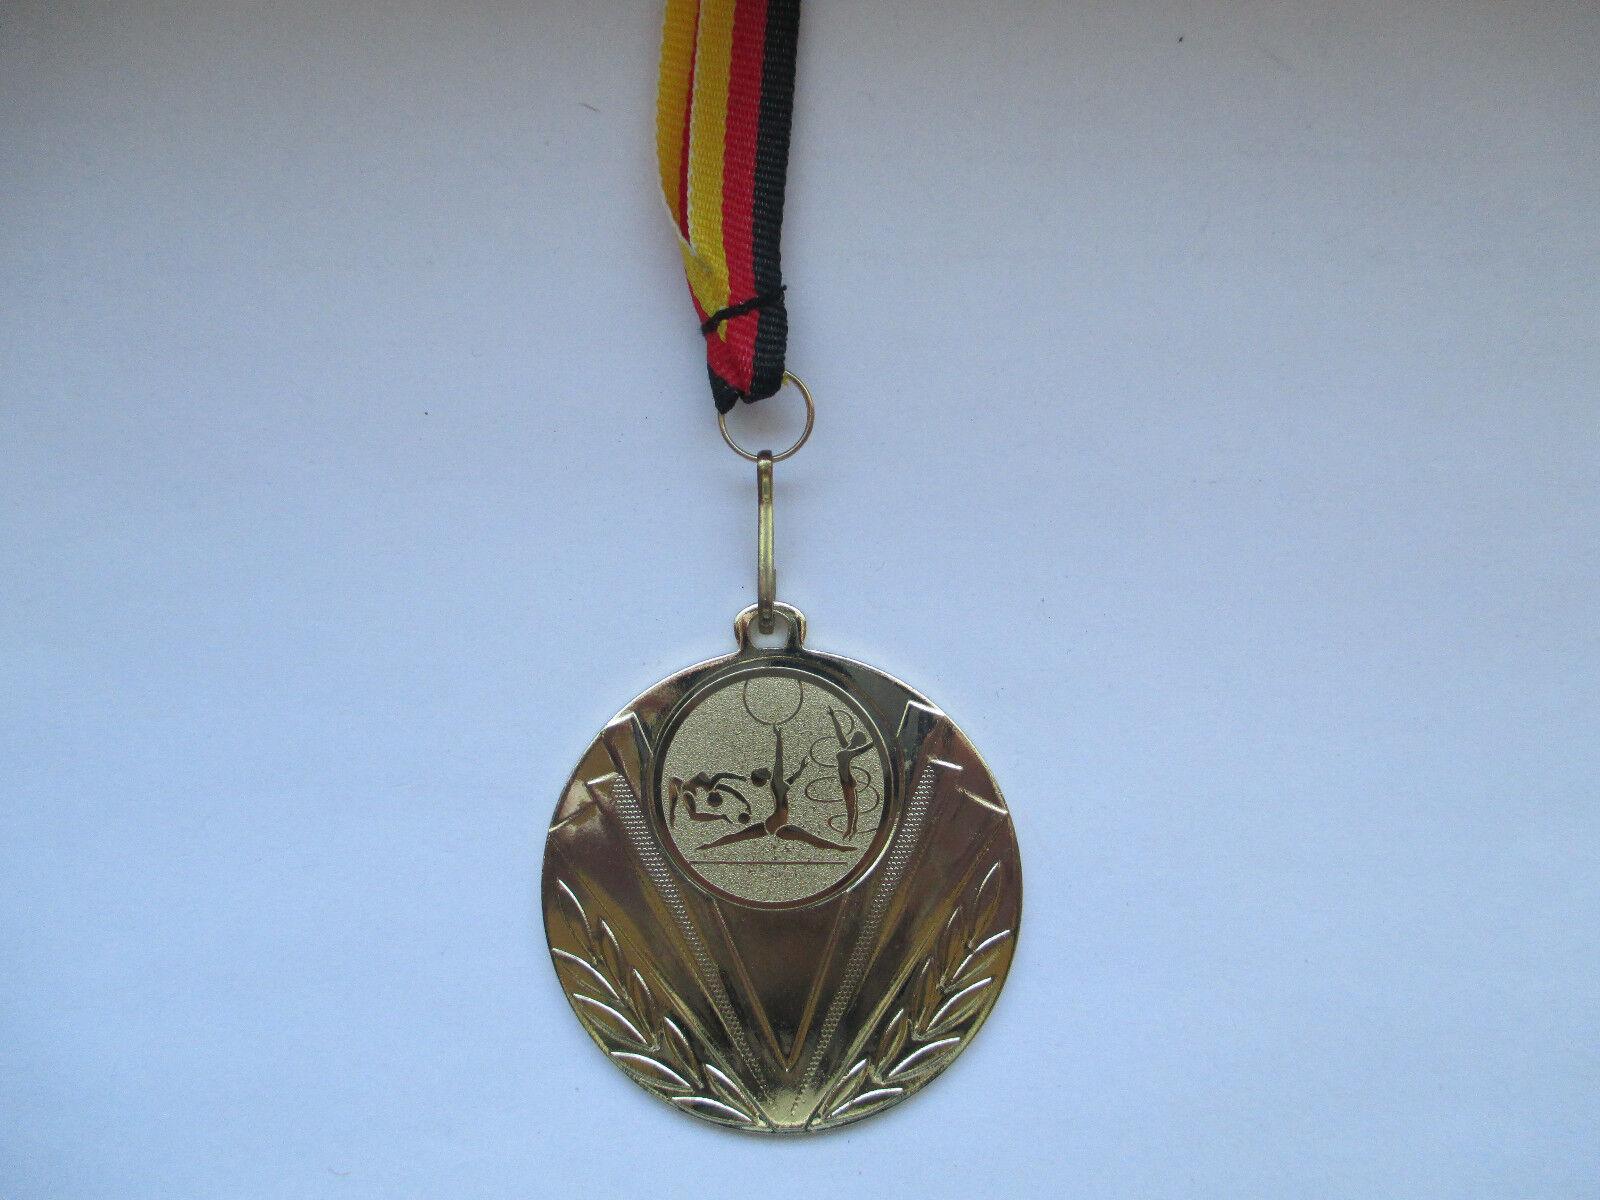 Gymnastik Pokal Kids Kids Kids 100 x Medaillen Deutschland-Bändern Emblem Turnier Turnen c681b3